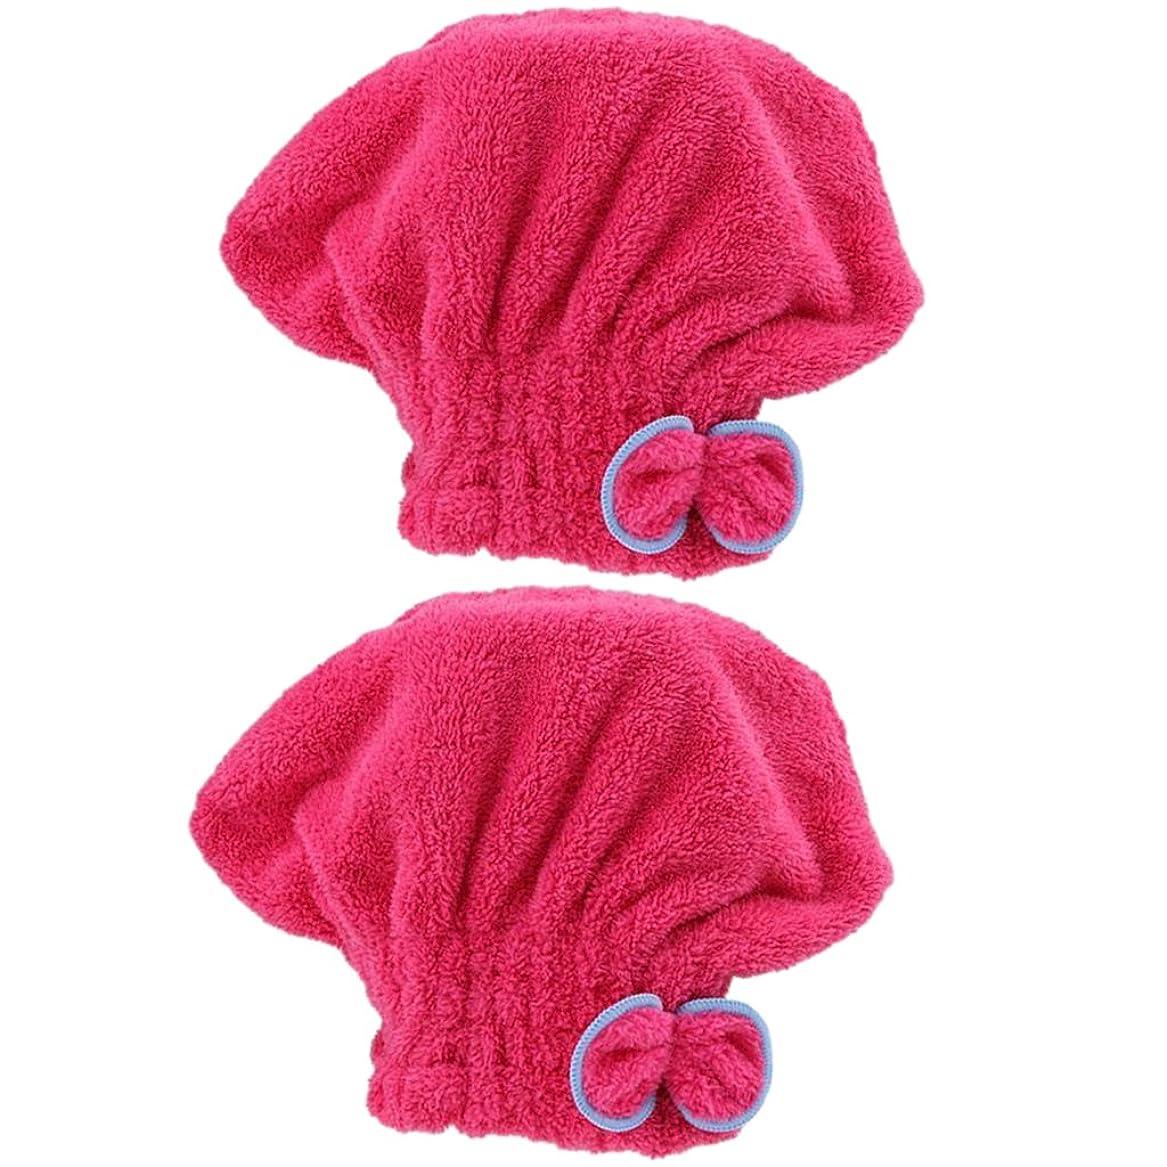 偏差お茶屋内でマイクロファイバー ヘア ドライ タオル キャップ 速乾シャワー 髪乾燥タオル ローズレッド 2個入り